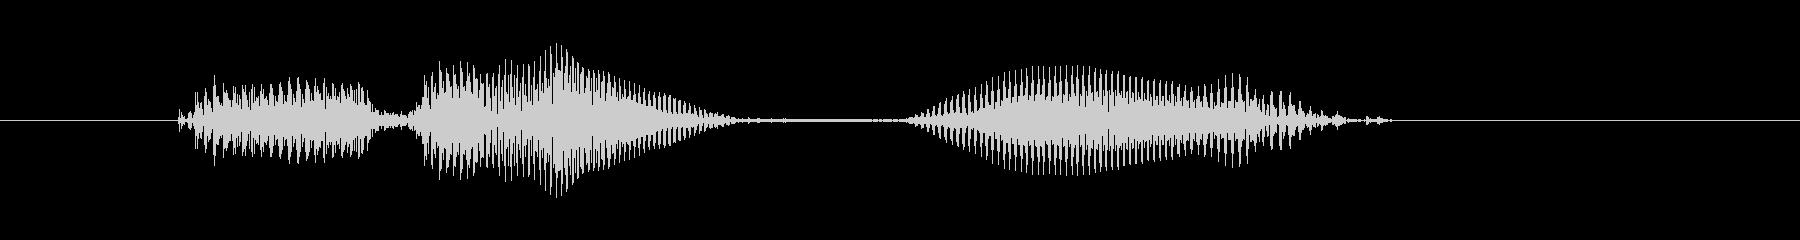 ドロー4・Drawfour(女性)の未再生の波形